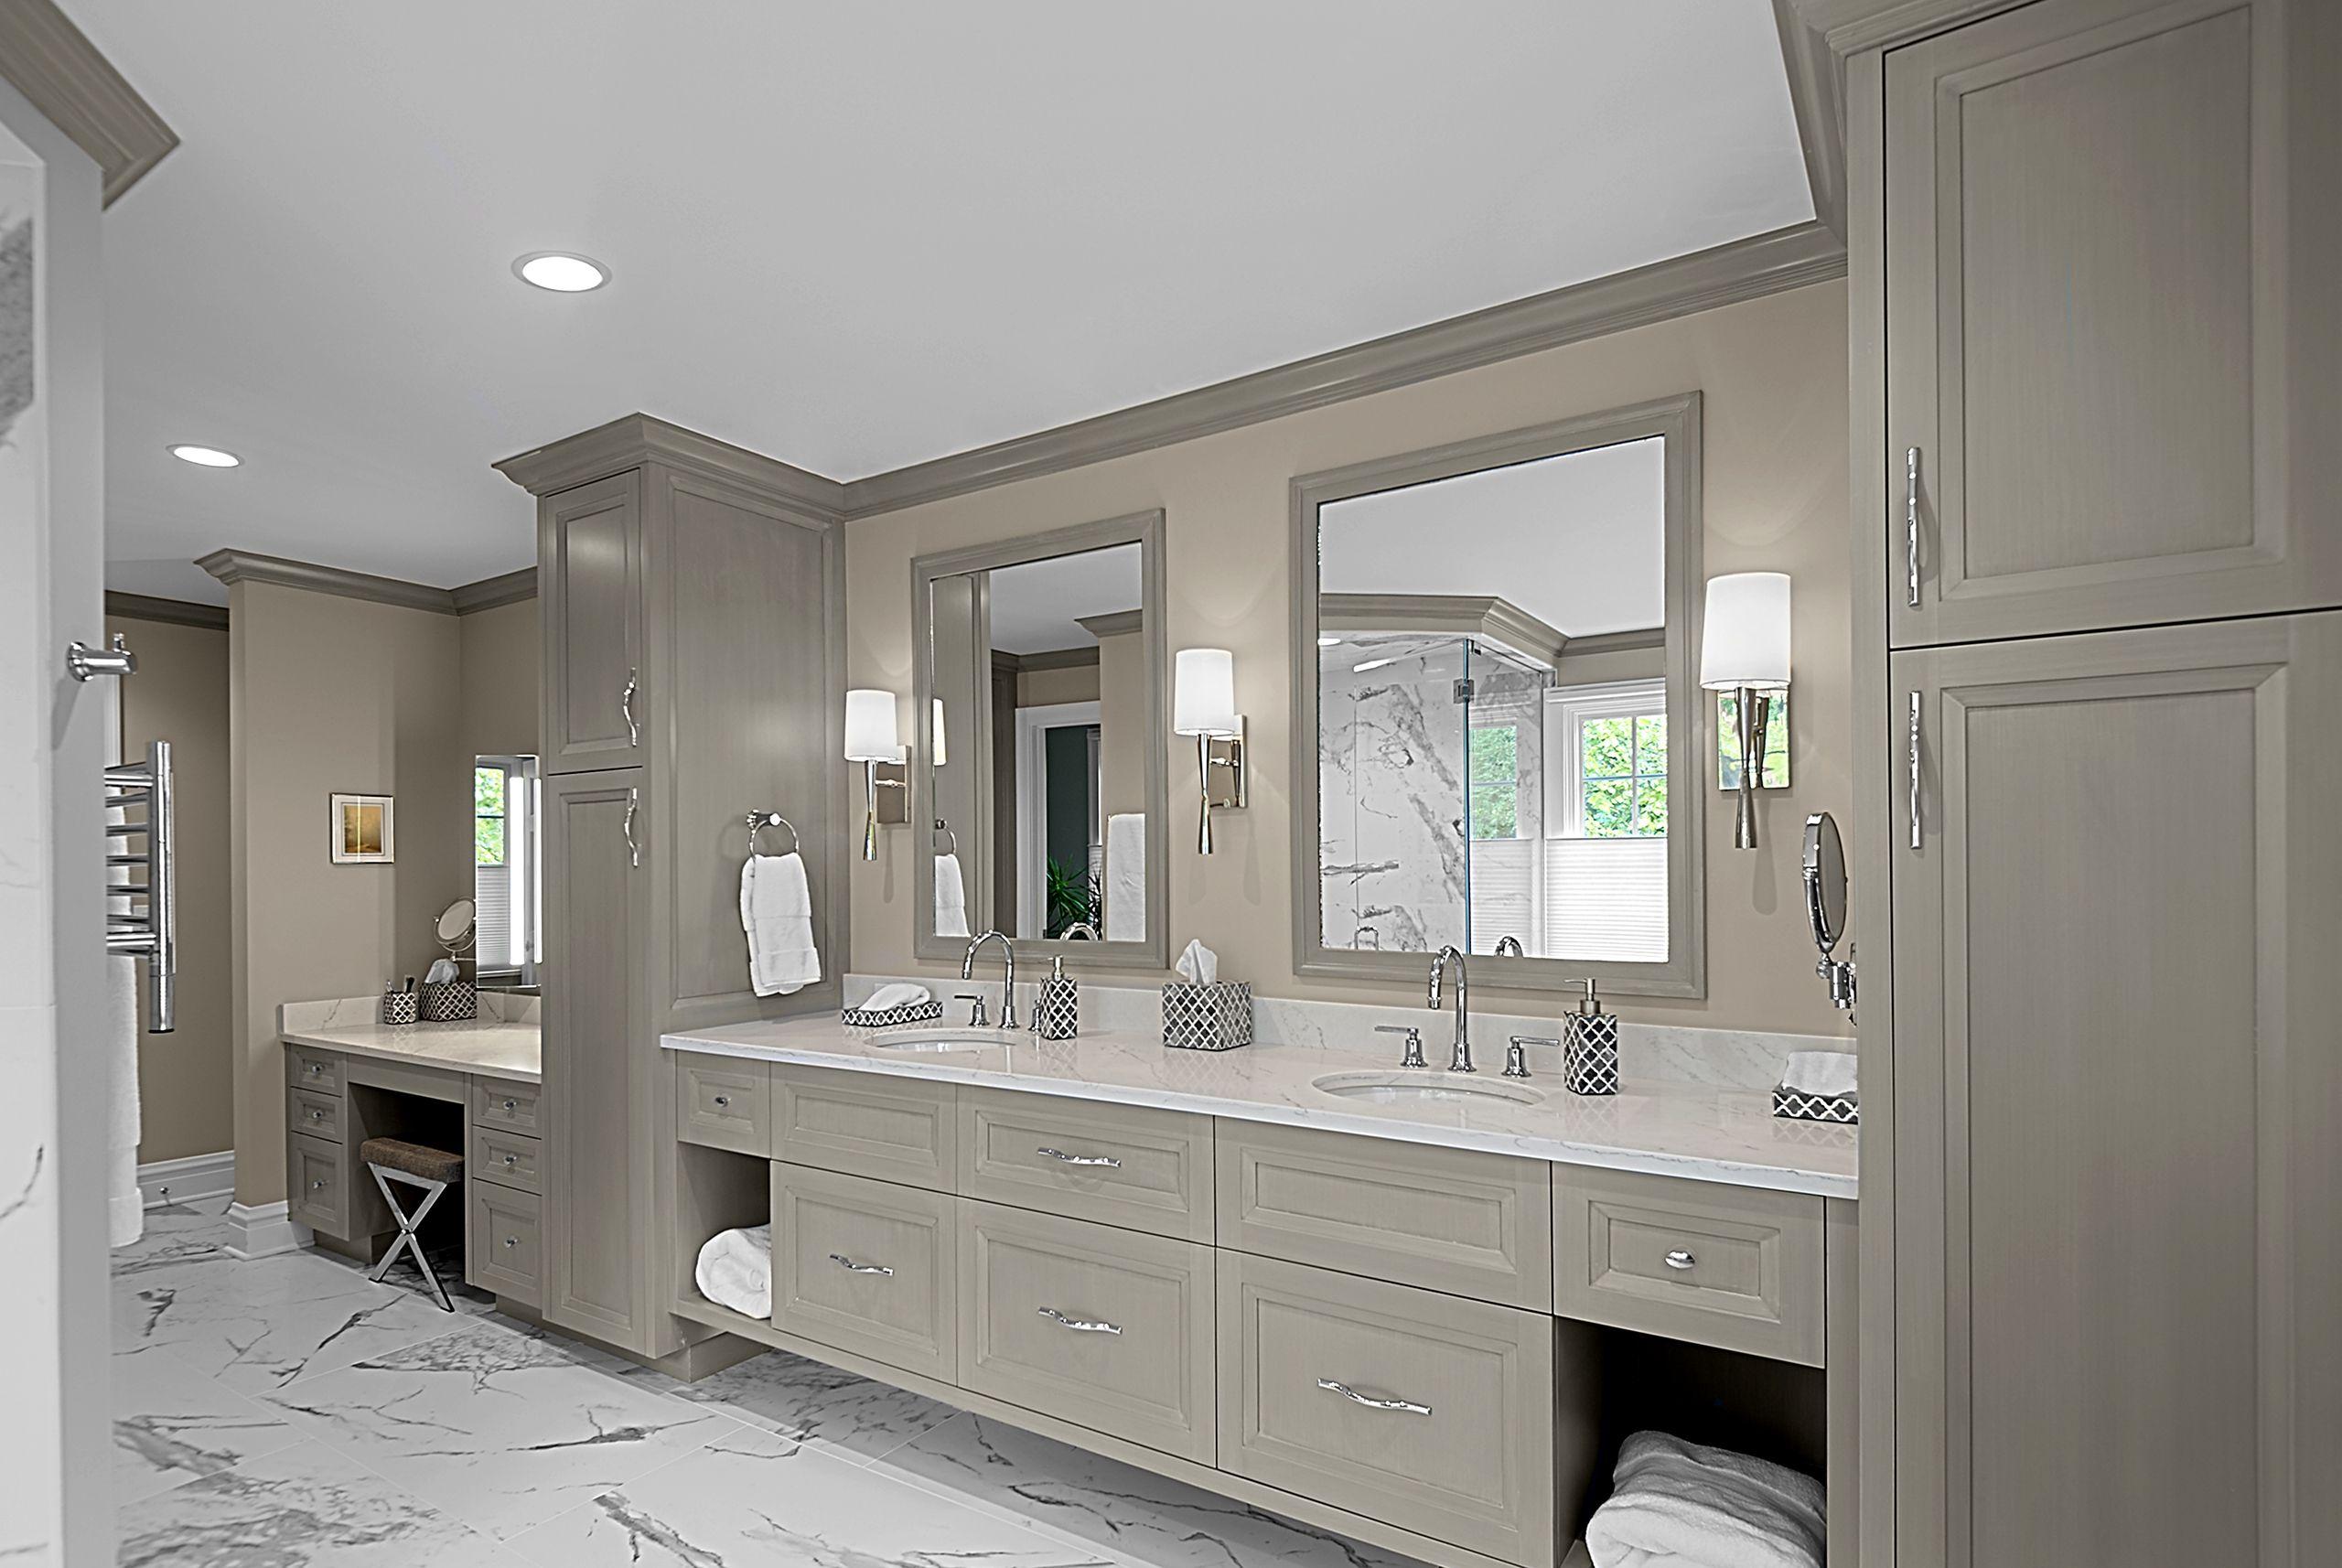 Large Custom Vanity Custom Bathroom Vanity Large Bathroom Remodel Custom Bathroom